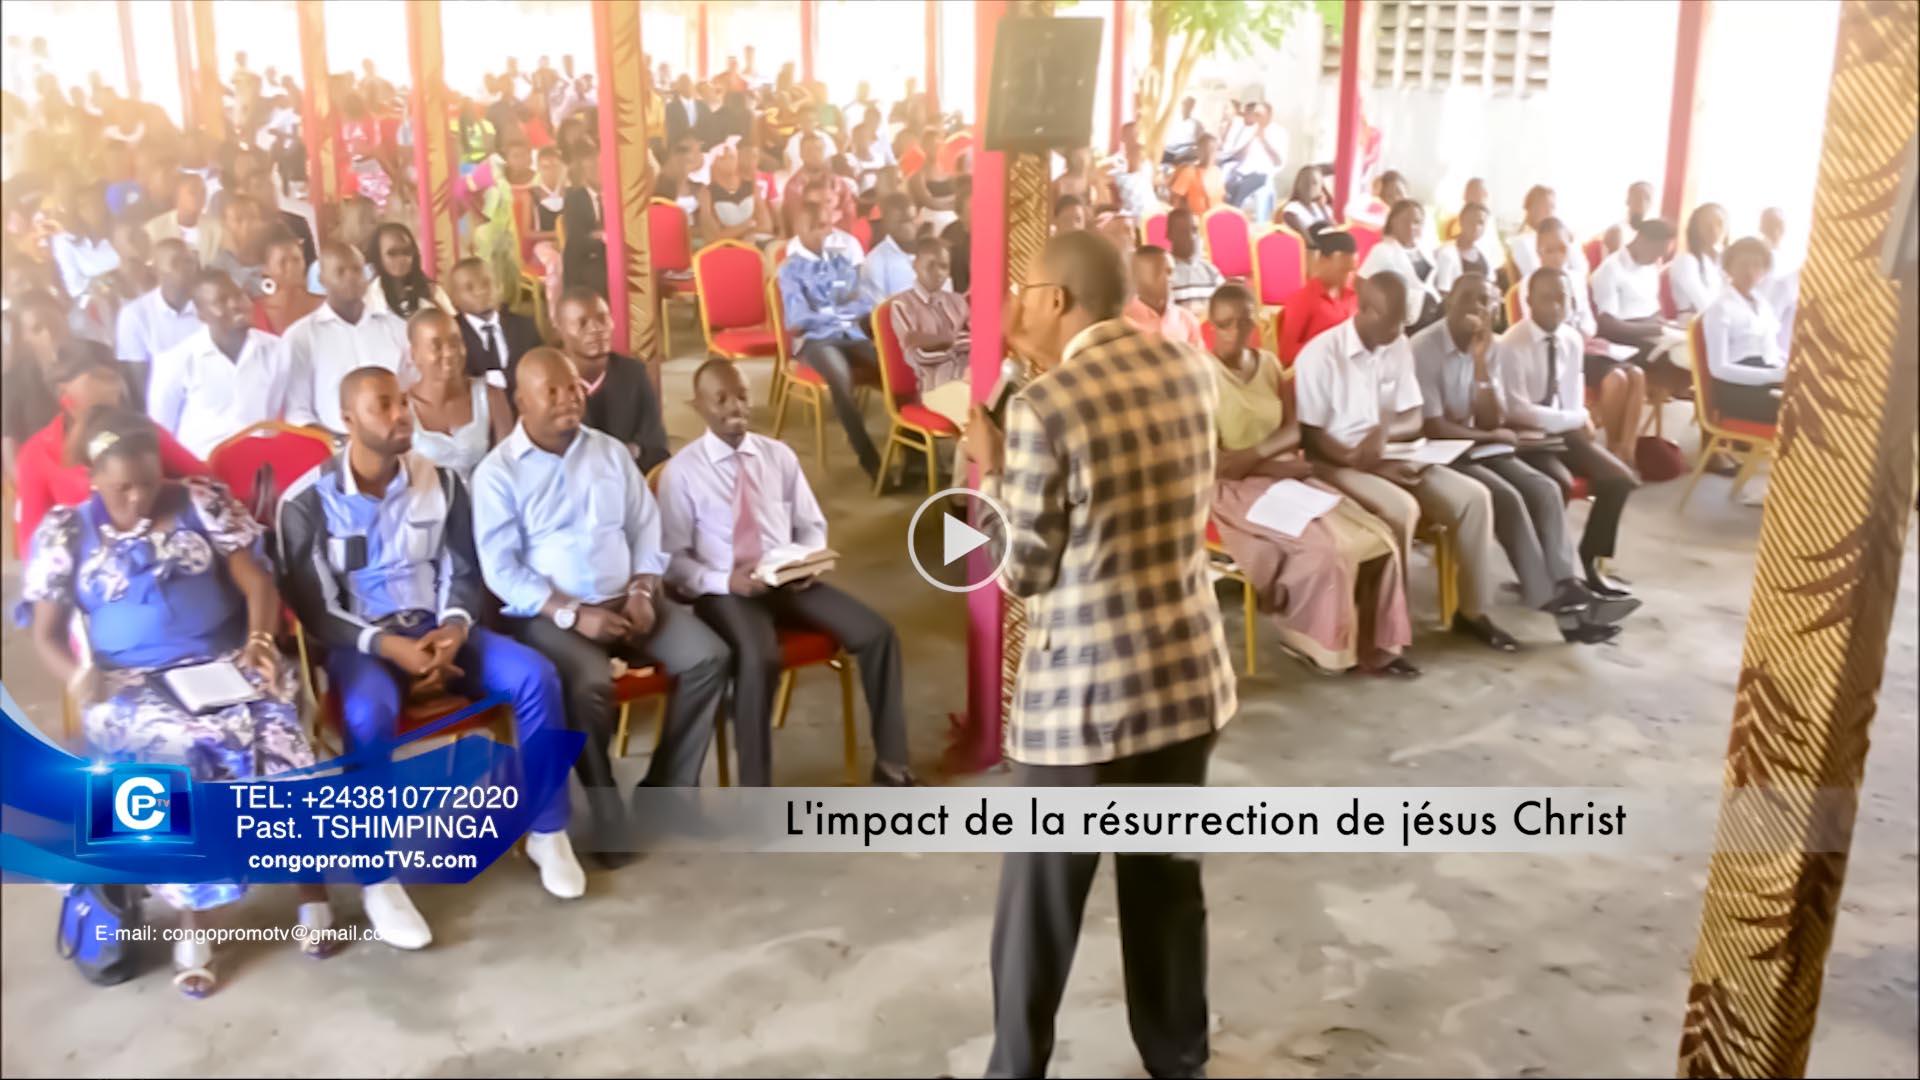 L'impact de la résurrection de jésus Christ copy